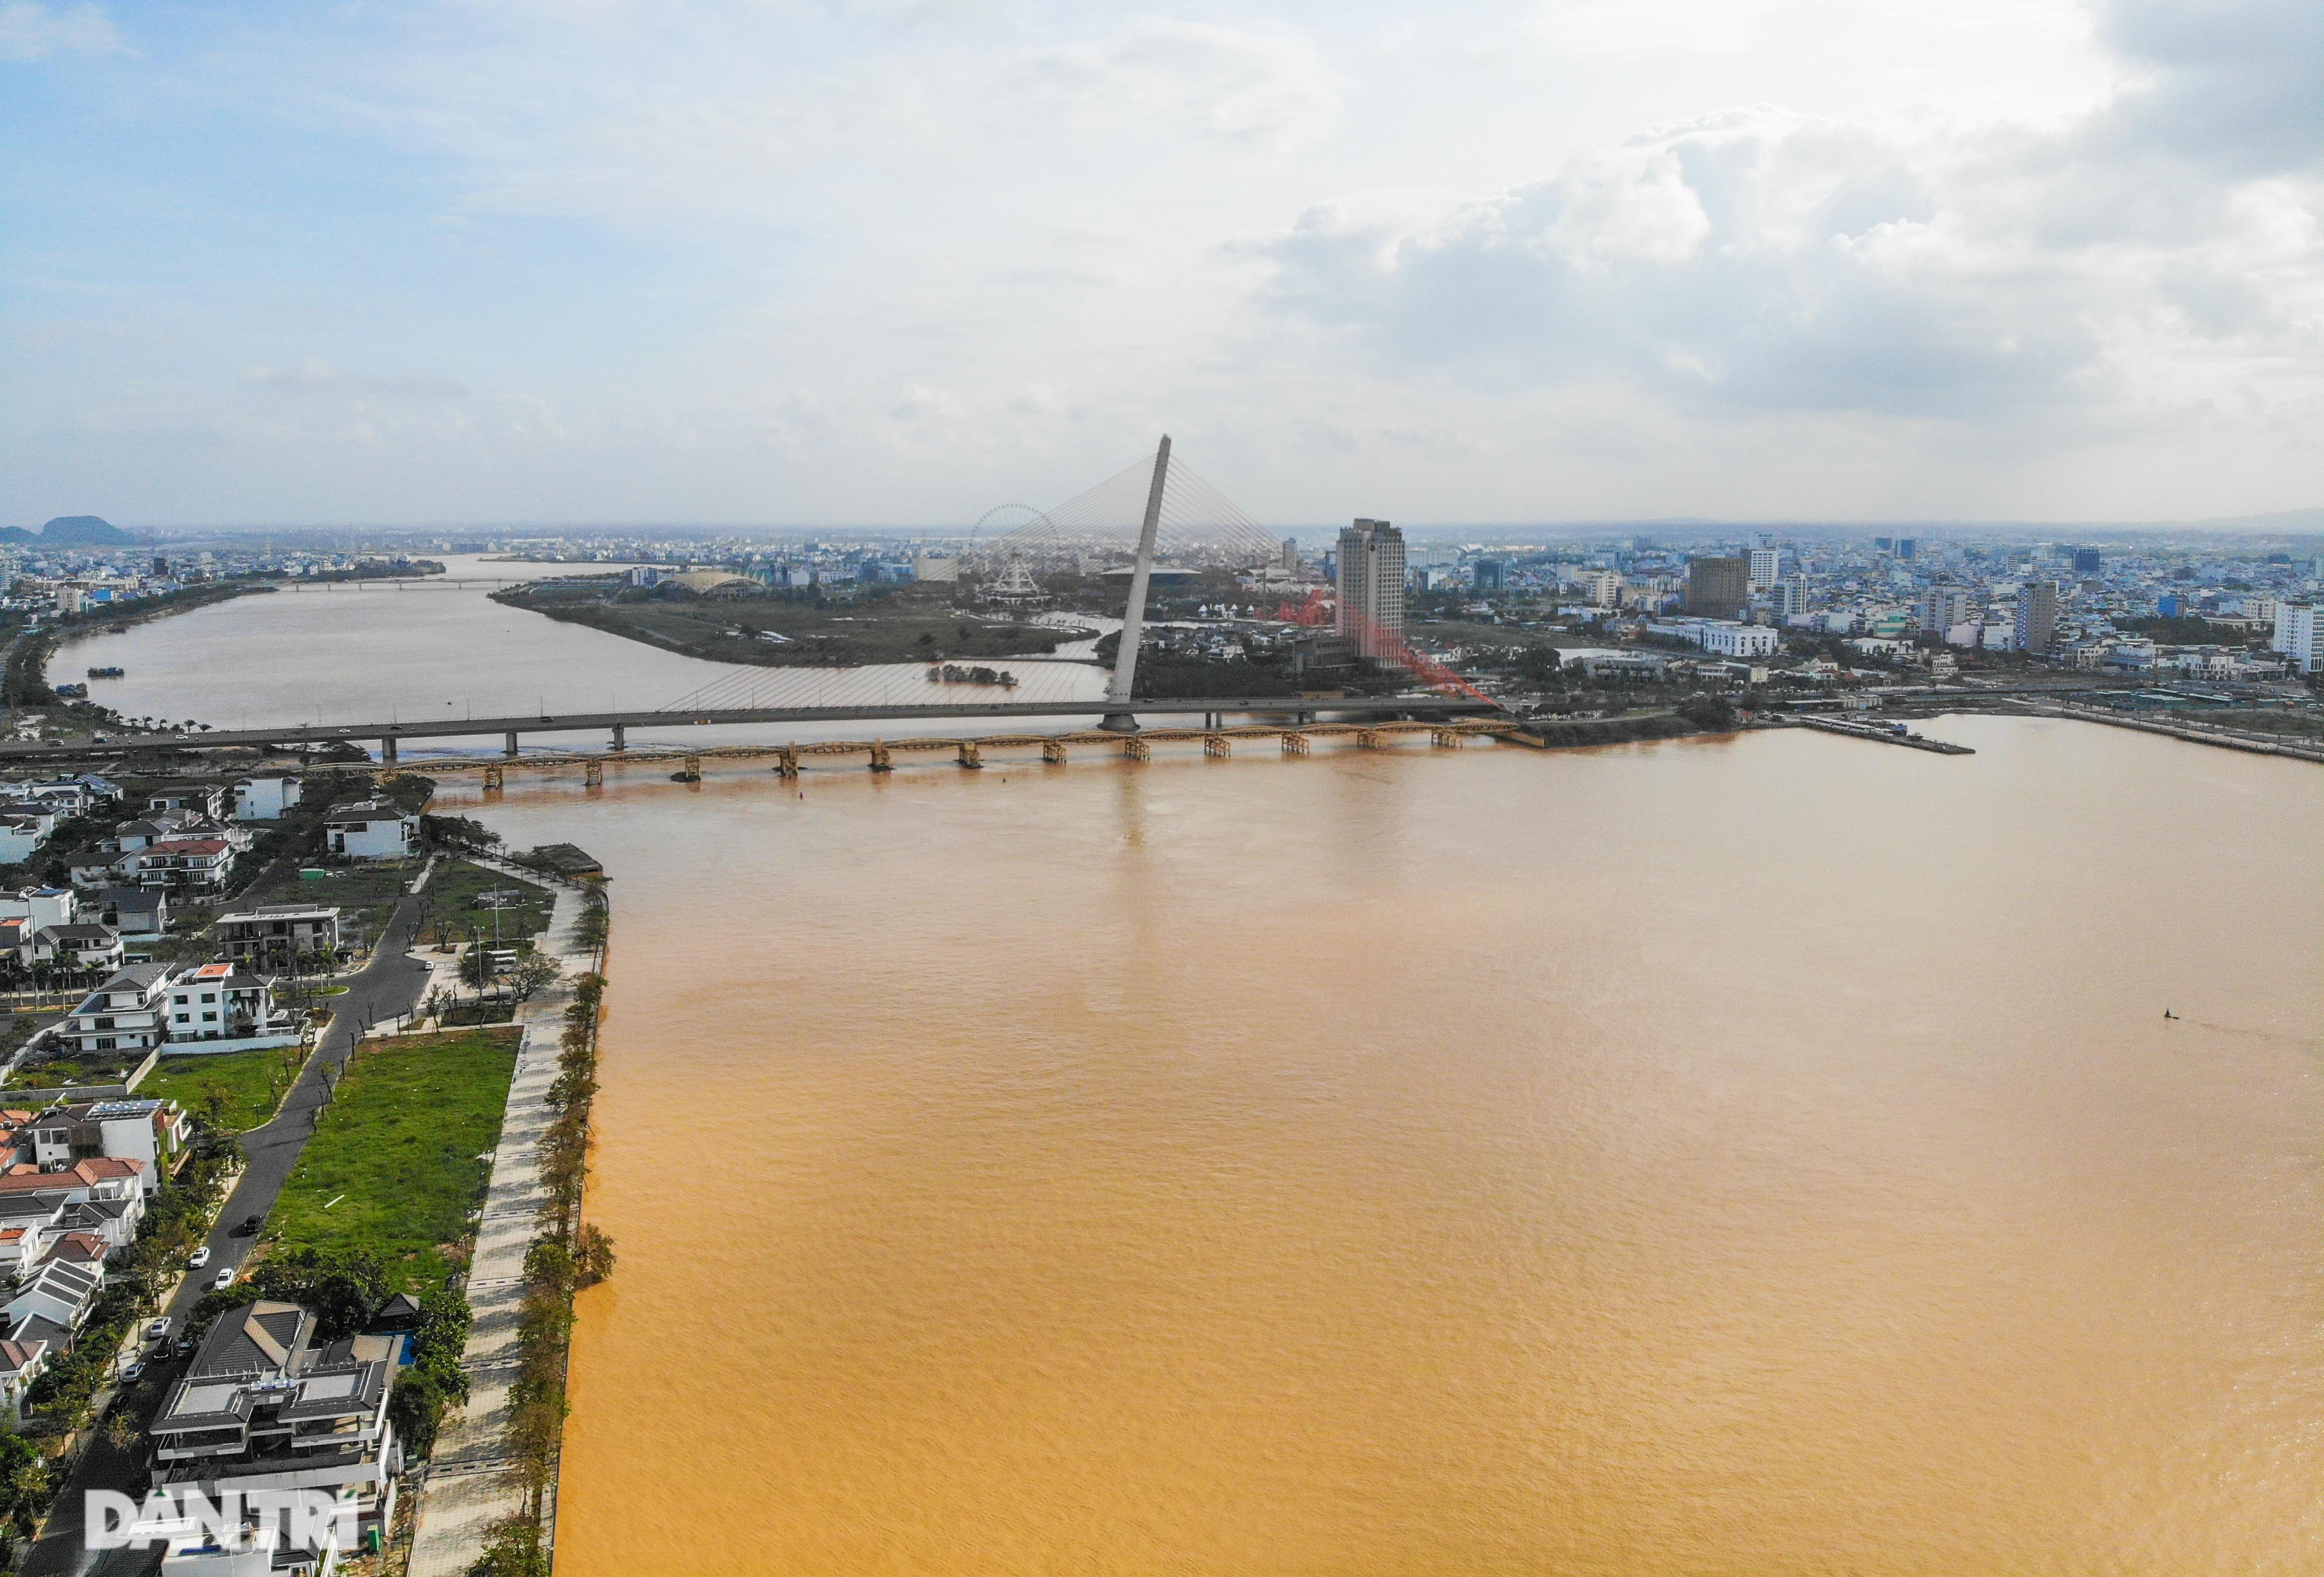 Chiêm ngưỡng 4 cây cầu ấn tượng nối đôi bờ sông Hàn ở Đà Nẵng - 15